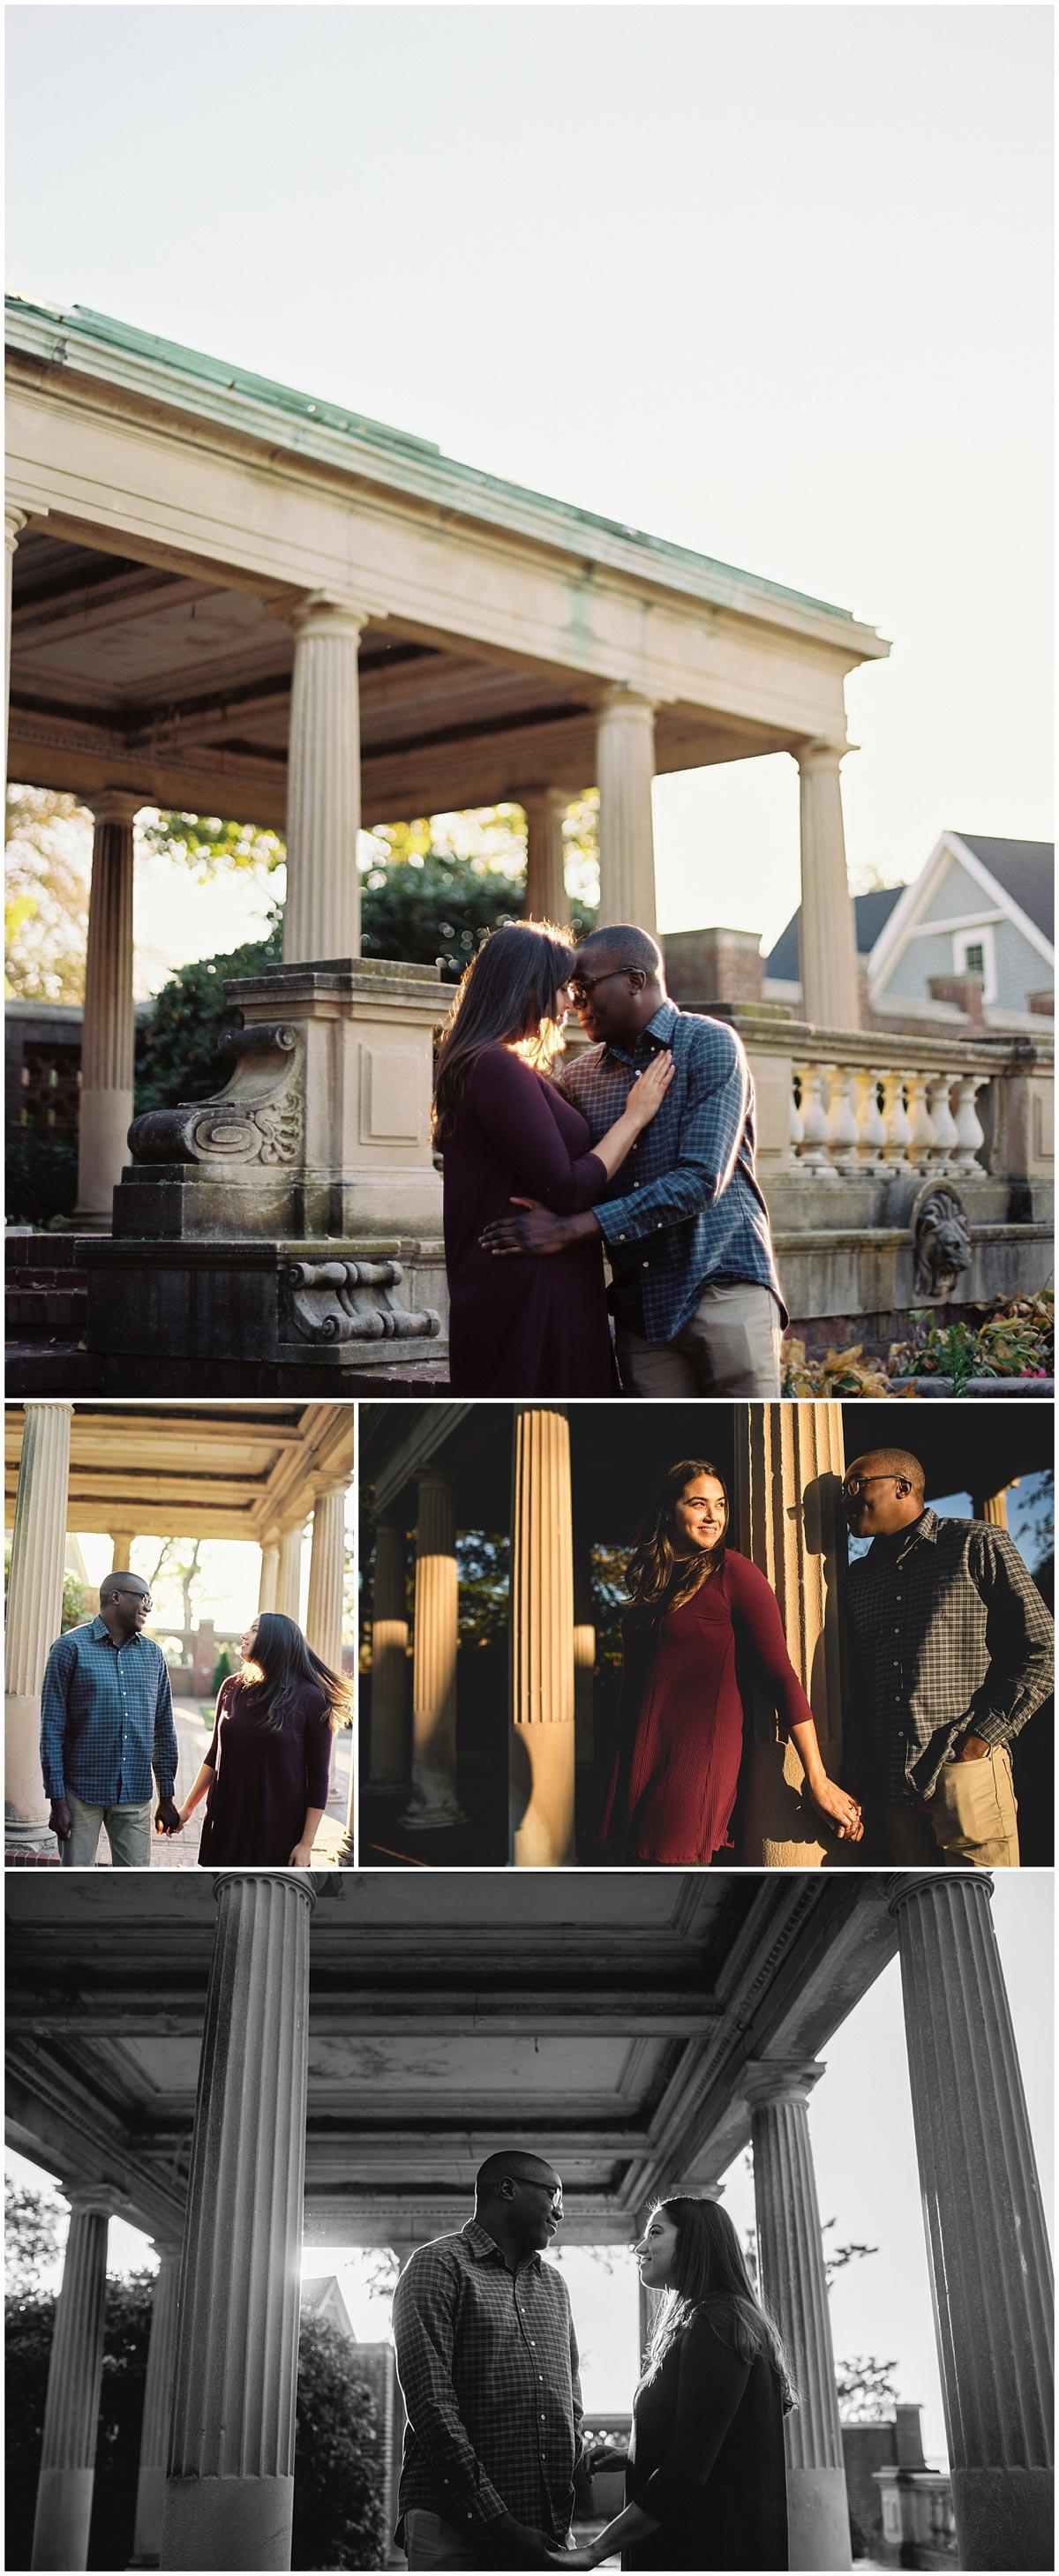 Lynch-park-Engagement-1.jpg